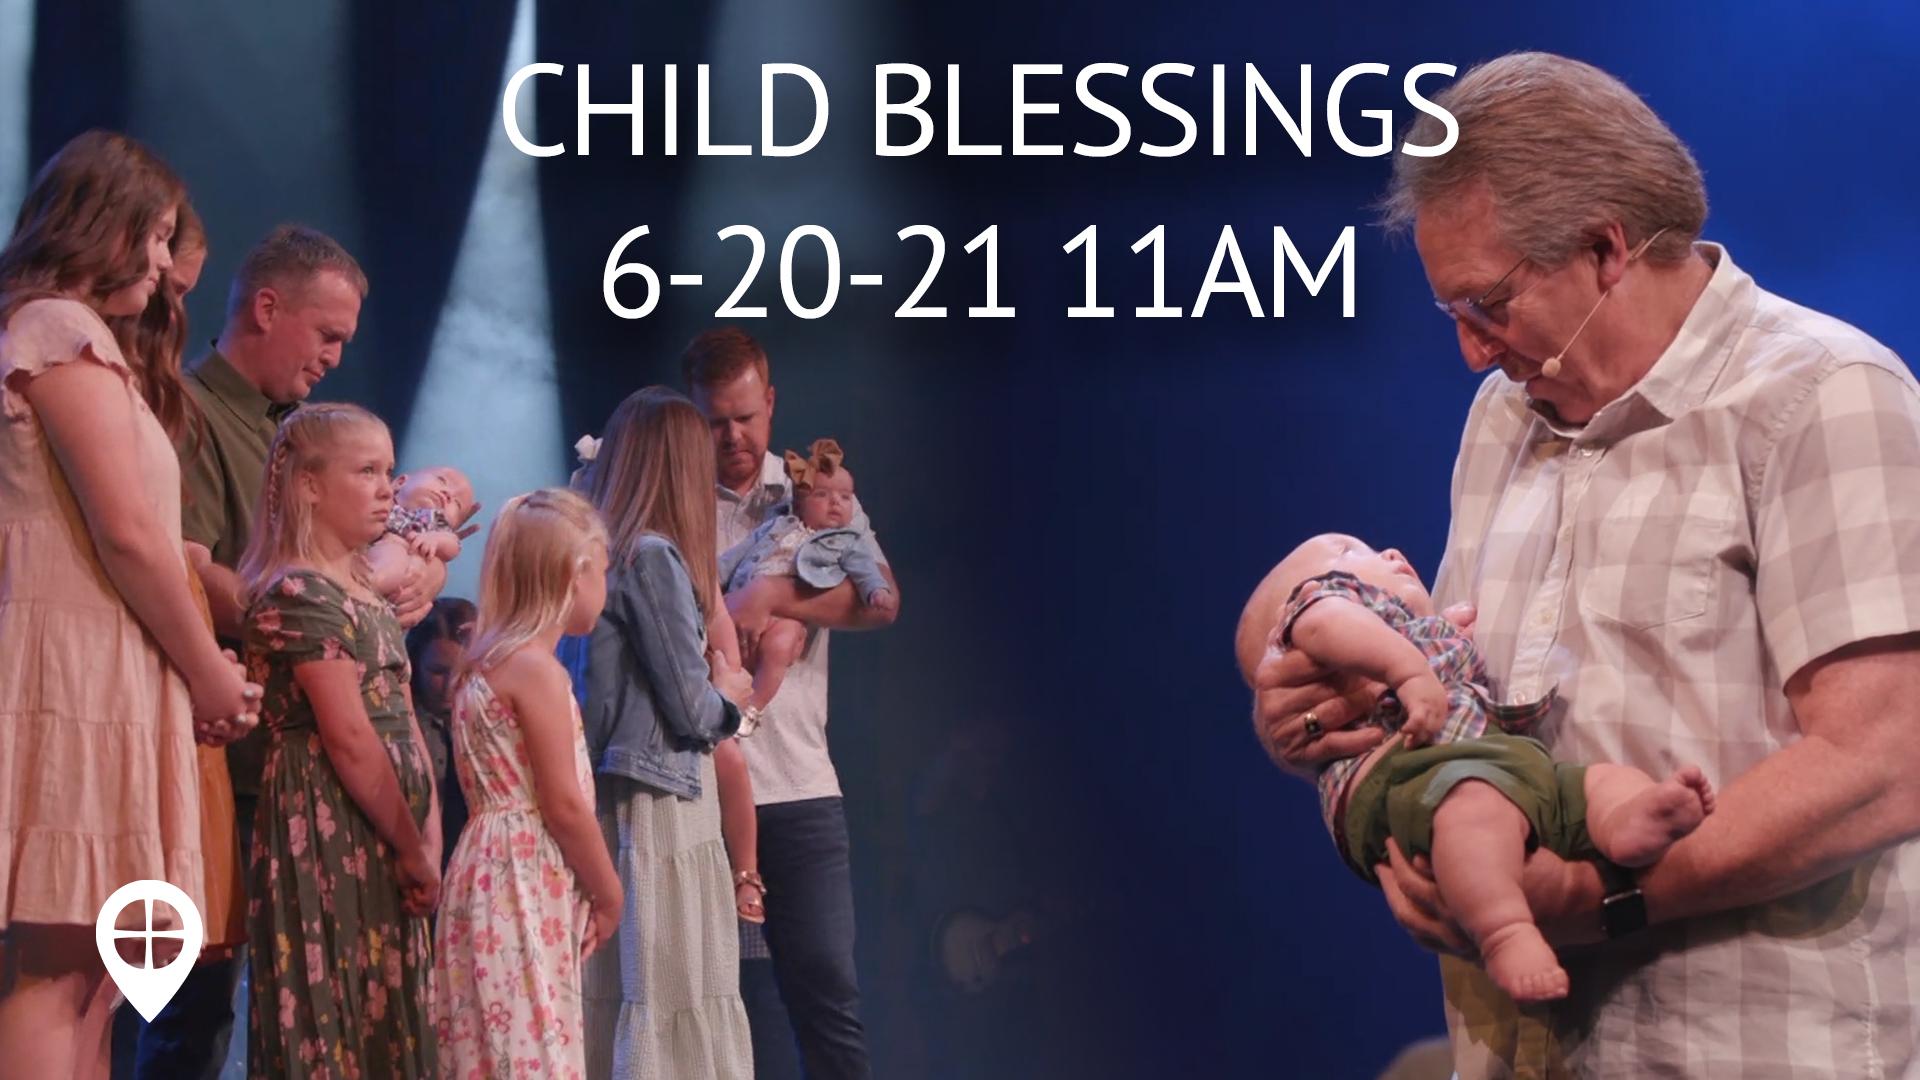 June 2021 Child Blessings Peoria 11am